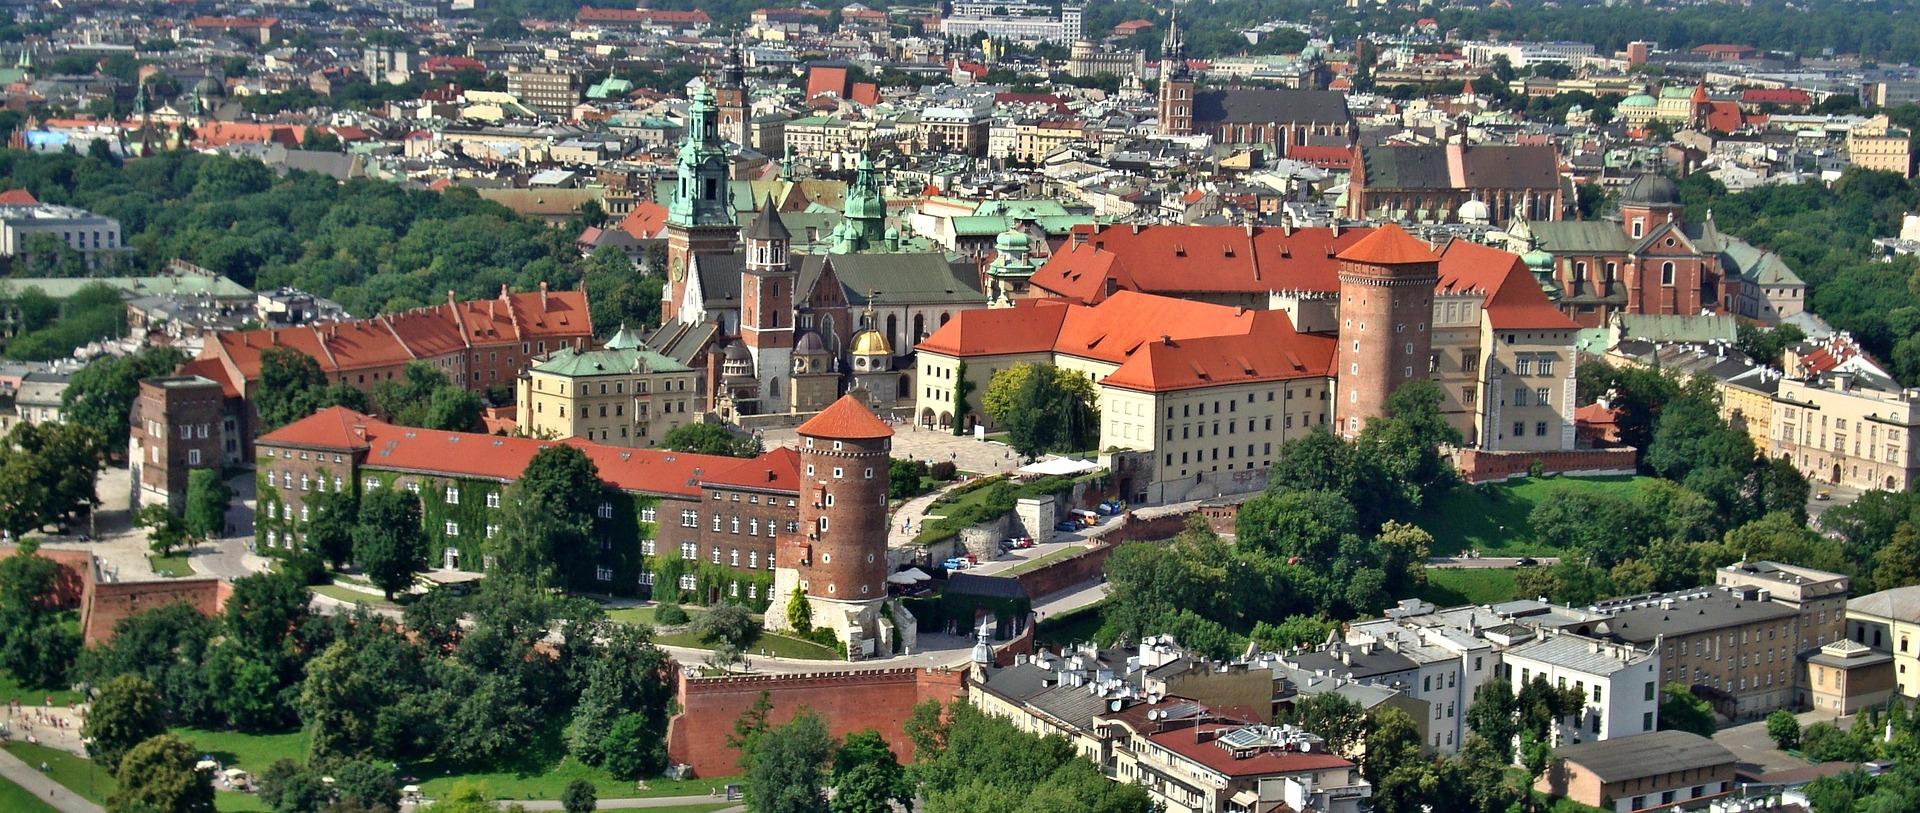 Droższa Strefa Płatnego Parkowania w Krakowie